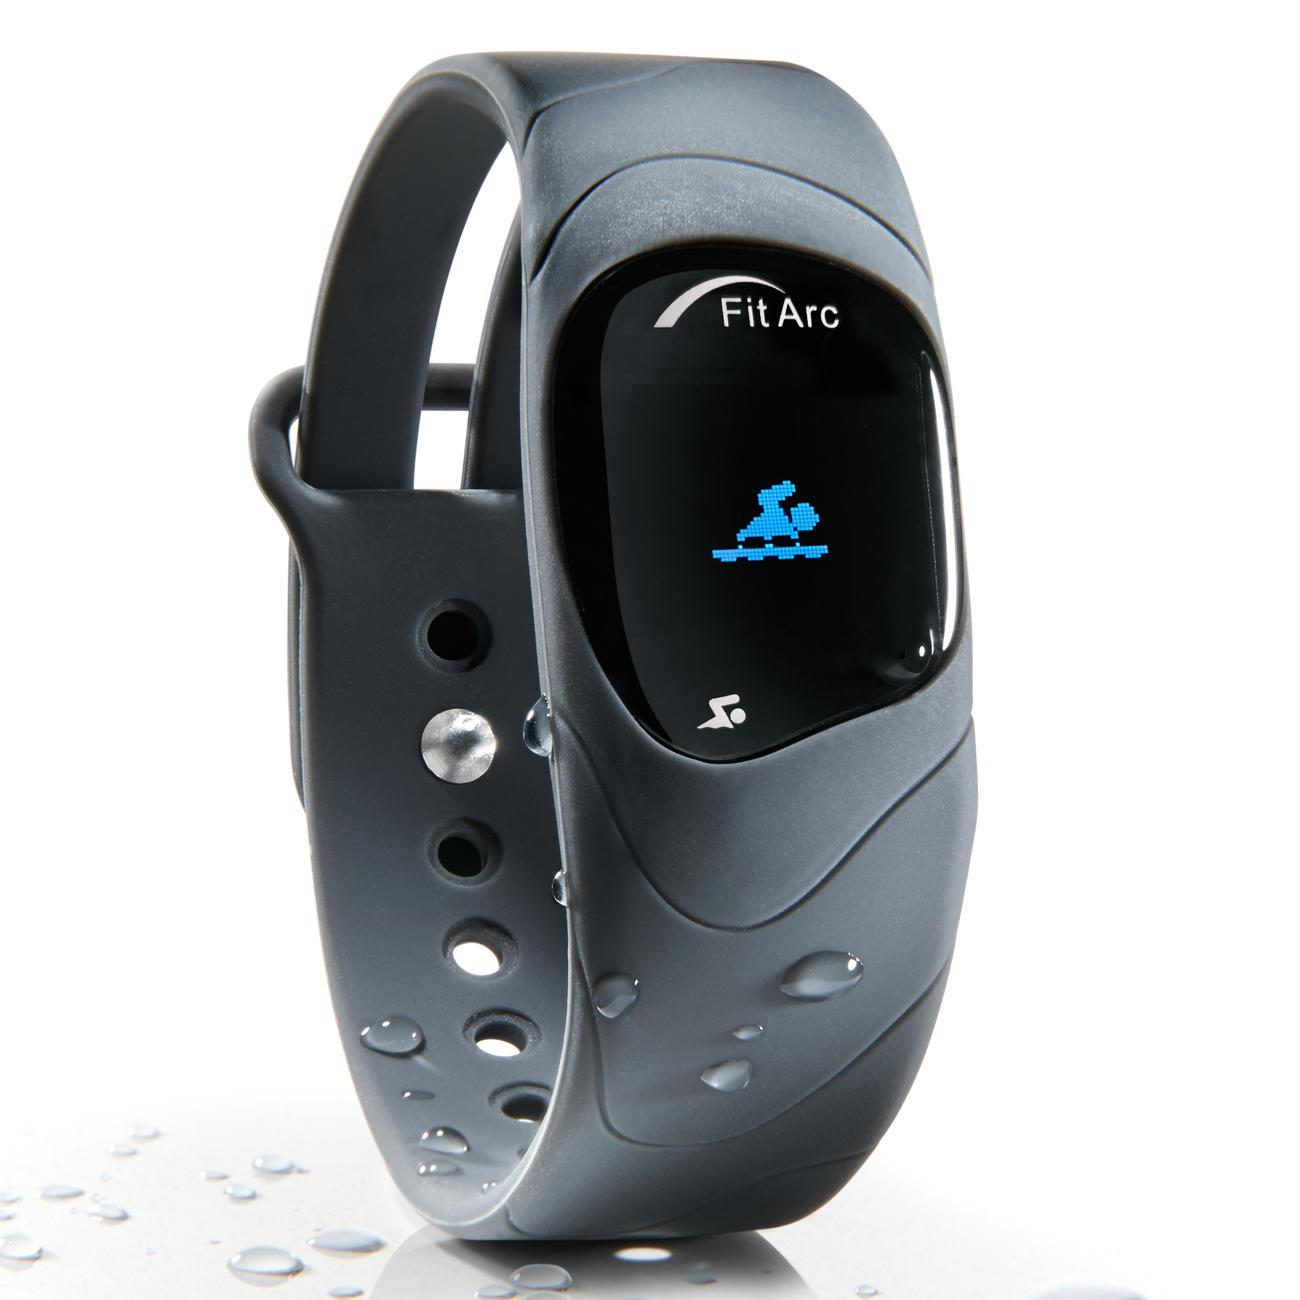 Fitnesstracker Fit Arc®-Reflex Die innovativen Sensoren des Fitnesstrackers erkennen und analysieren alle Ihre Bewegungsabläufe - auch im Wasser.